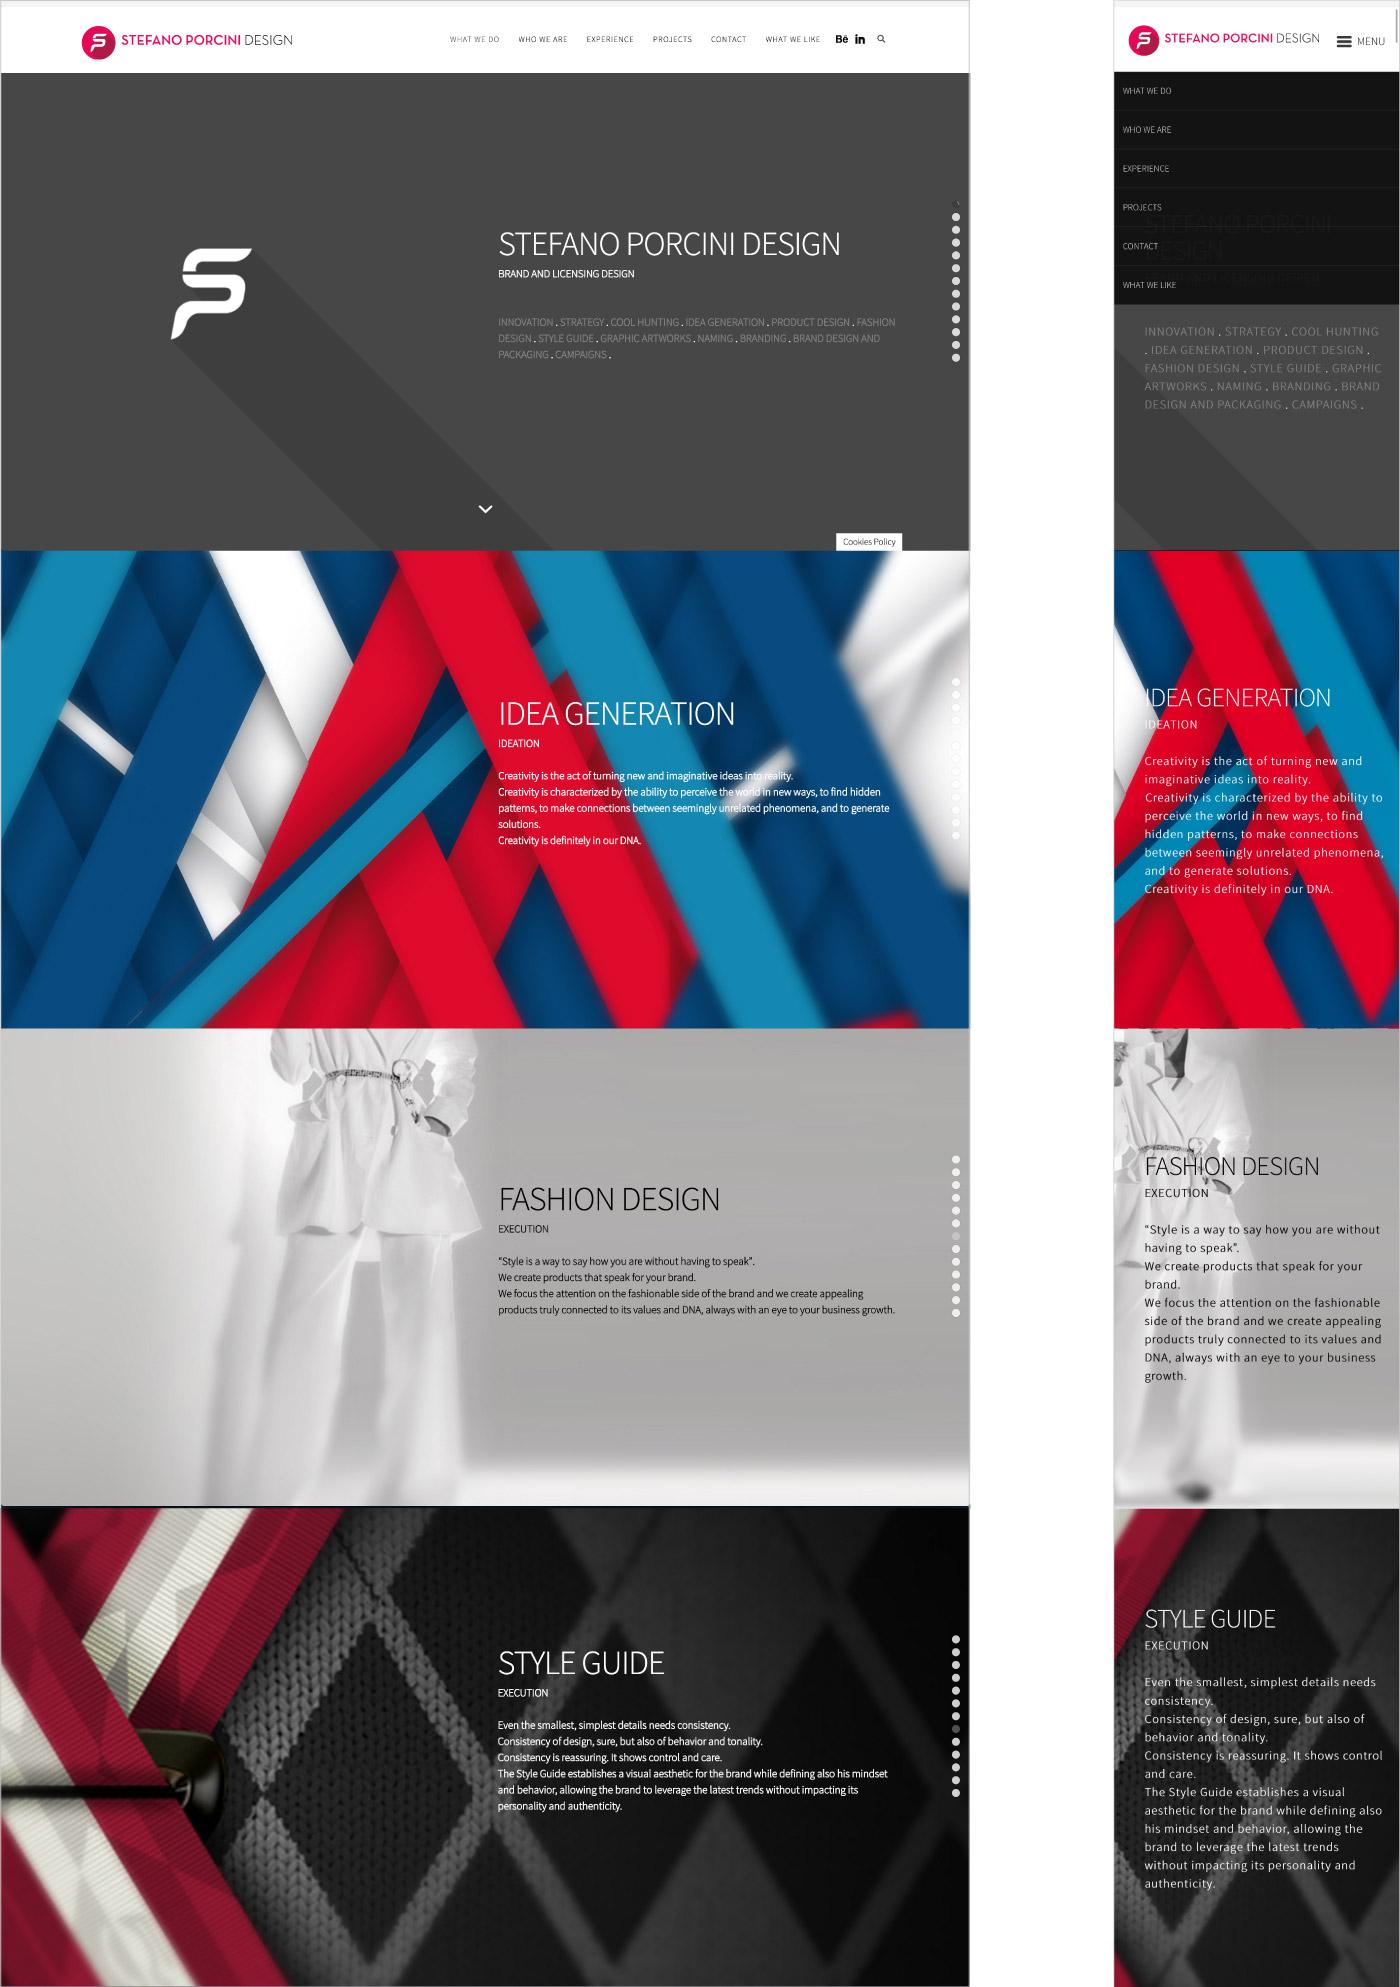 webdesign-responsive-fullscreen-slider